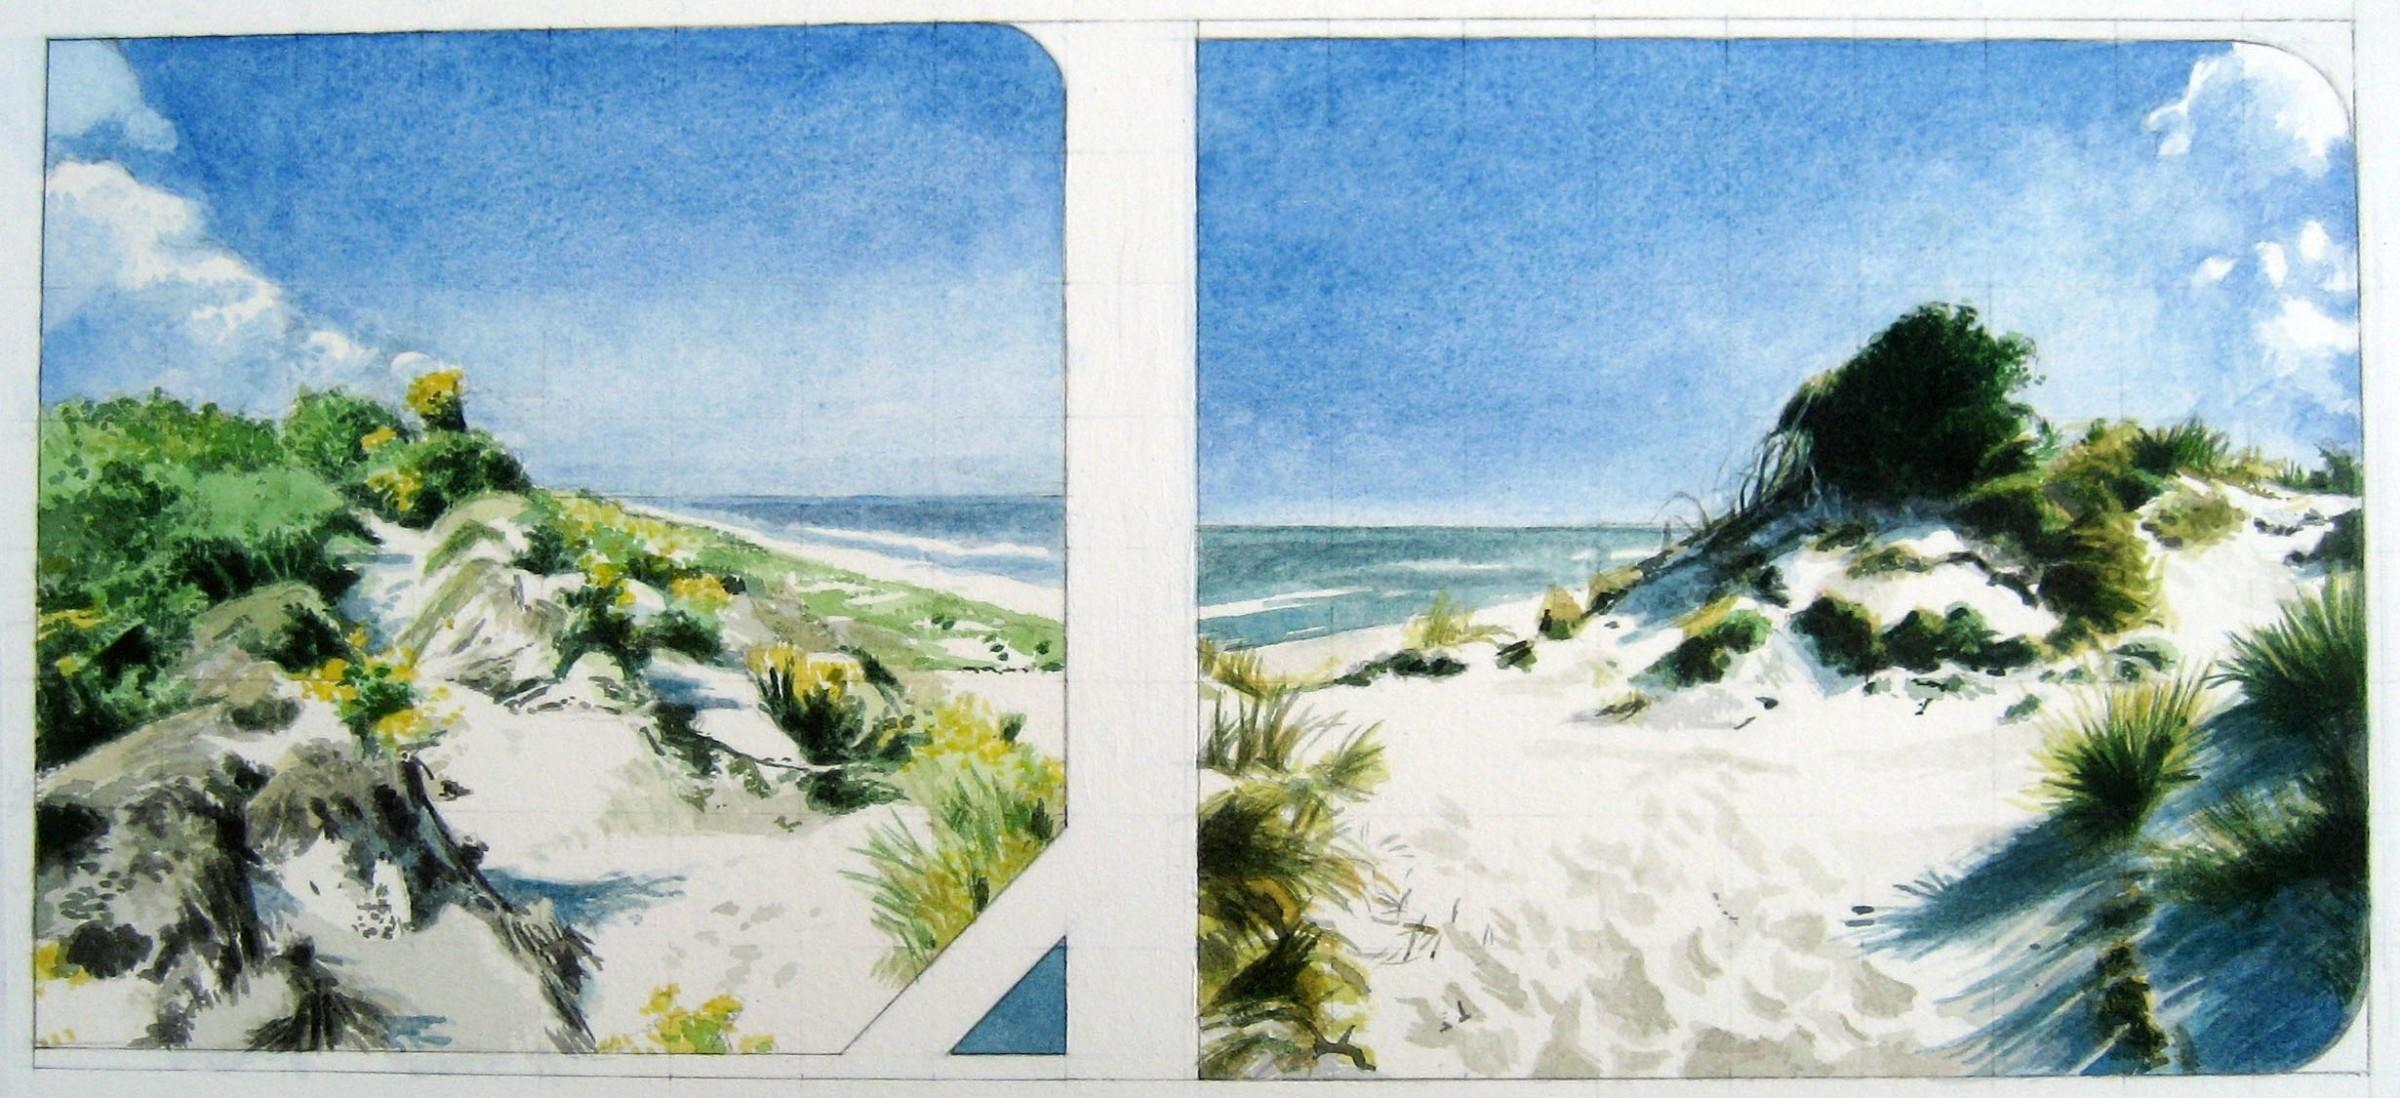 <span class=&#34;link fancybox-details-link&#34;><a href=&#34;/exhibitions/24/works/artworks_standalone10748/&#34;>View Detail Page</a></span><div class=&#34;artist&#34;><span class=&#34;artist&#34;><strong>Michael Middleton</strong></span></div><div class=&#34;title&#34;><em>Mer du Nord</em></div><div class=&#34;medium&#34;>watercolour</div><div class=&#34;dimensions&#34;>53x35cm</div>